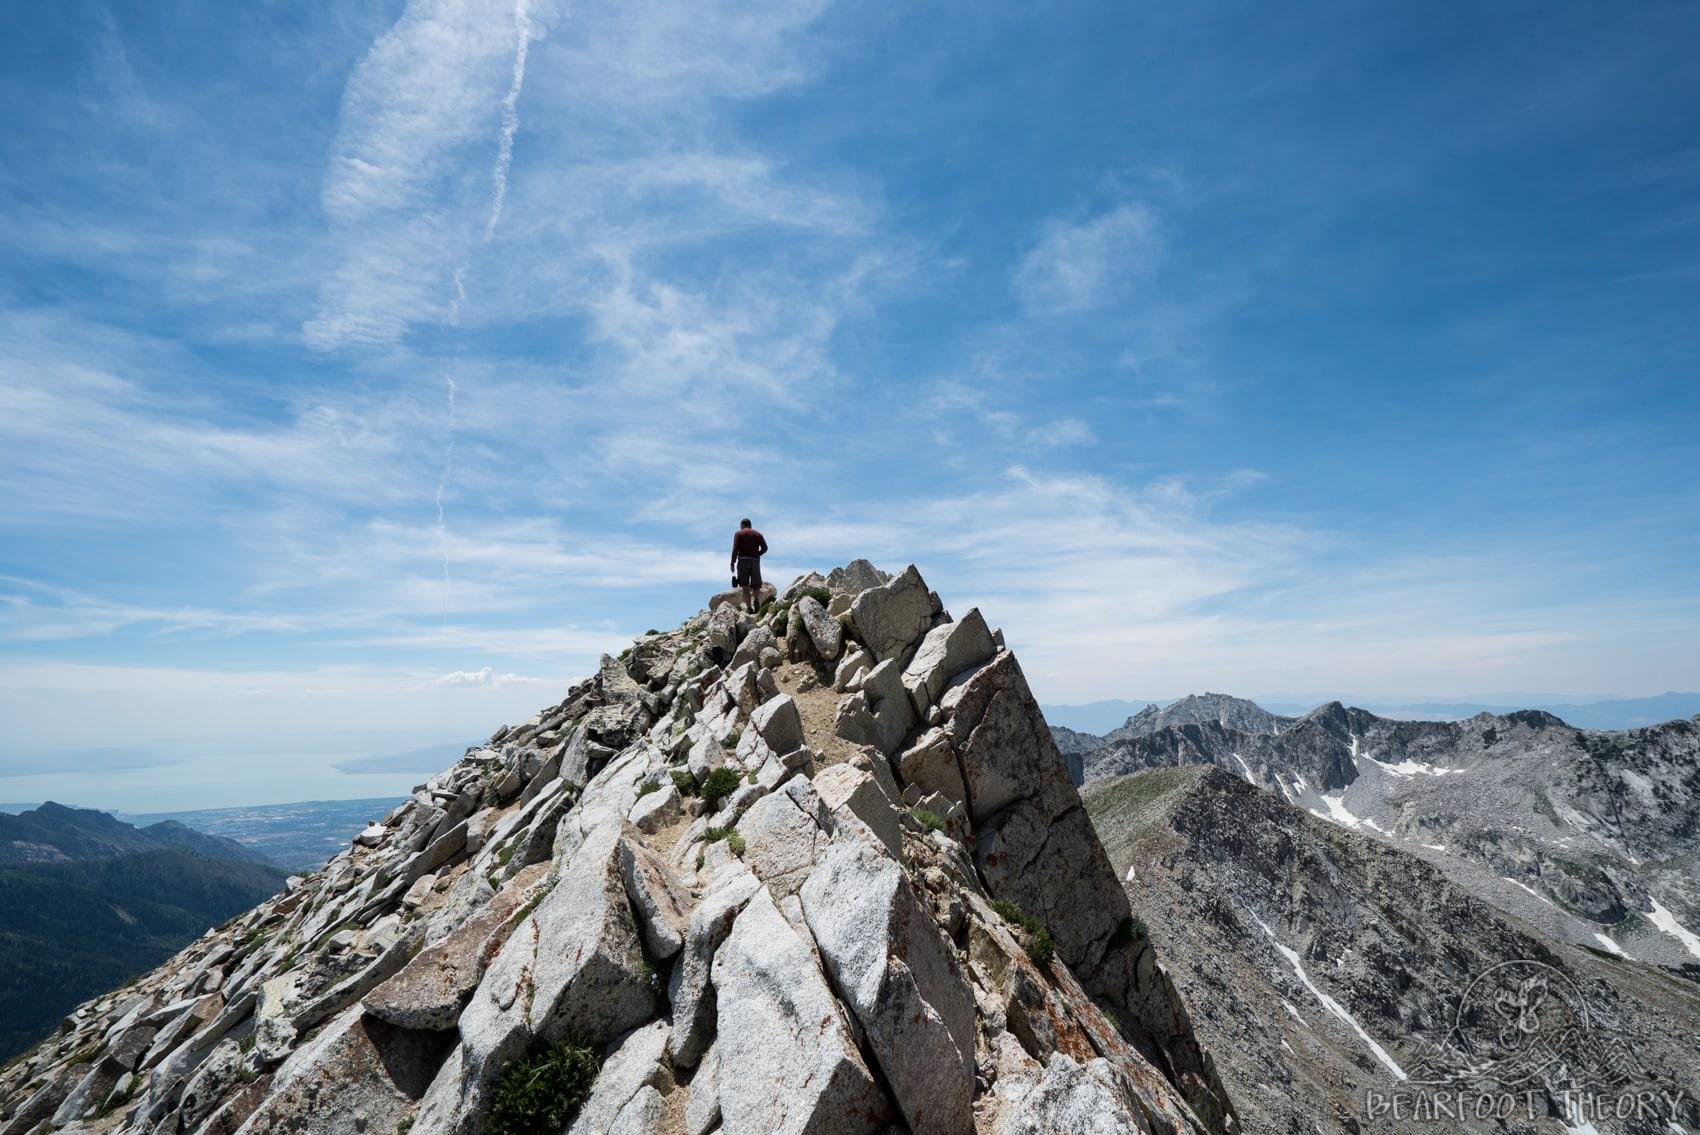 The Pfeifferhorn summit, the third tallest peak near Salt Lake City in the Wasatch Mountain Range